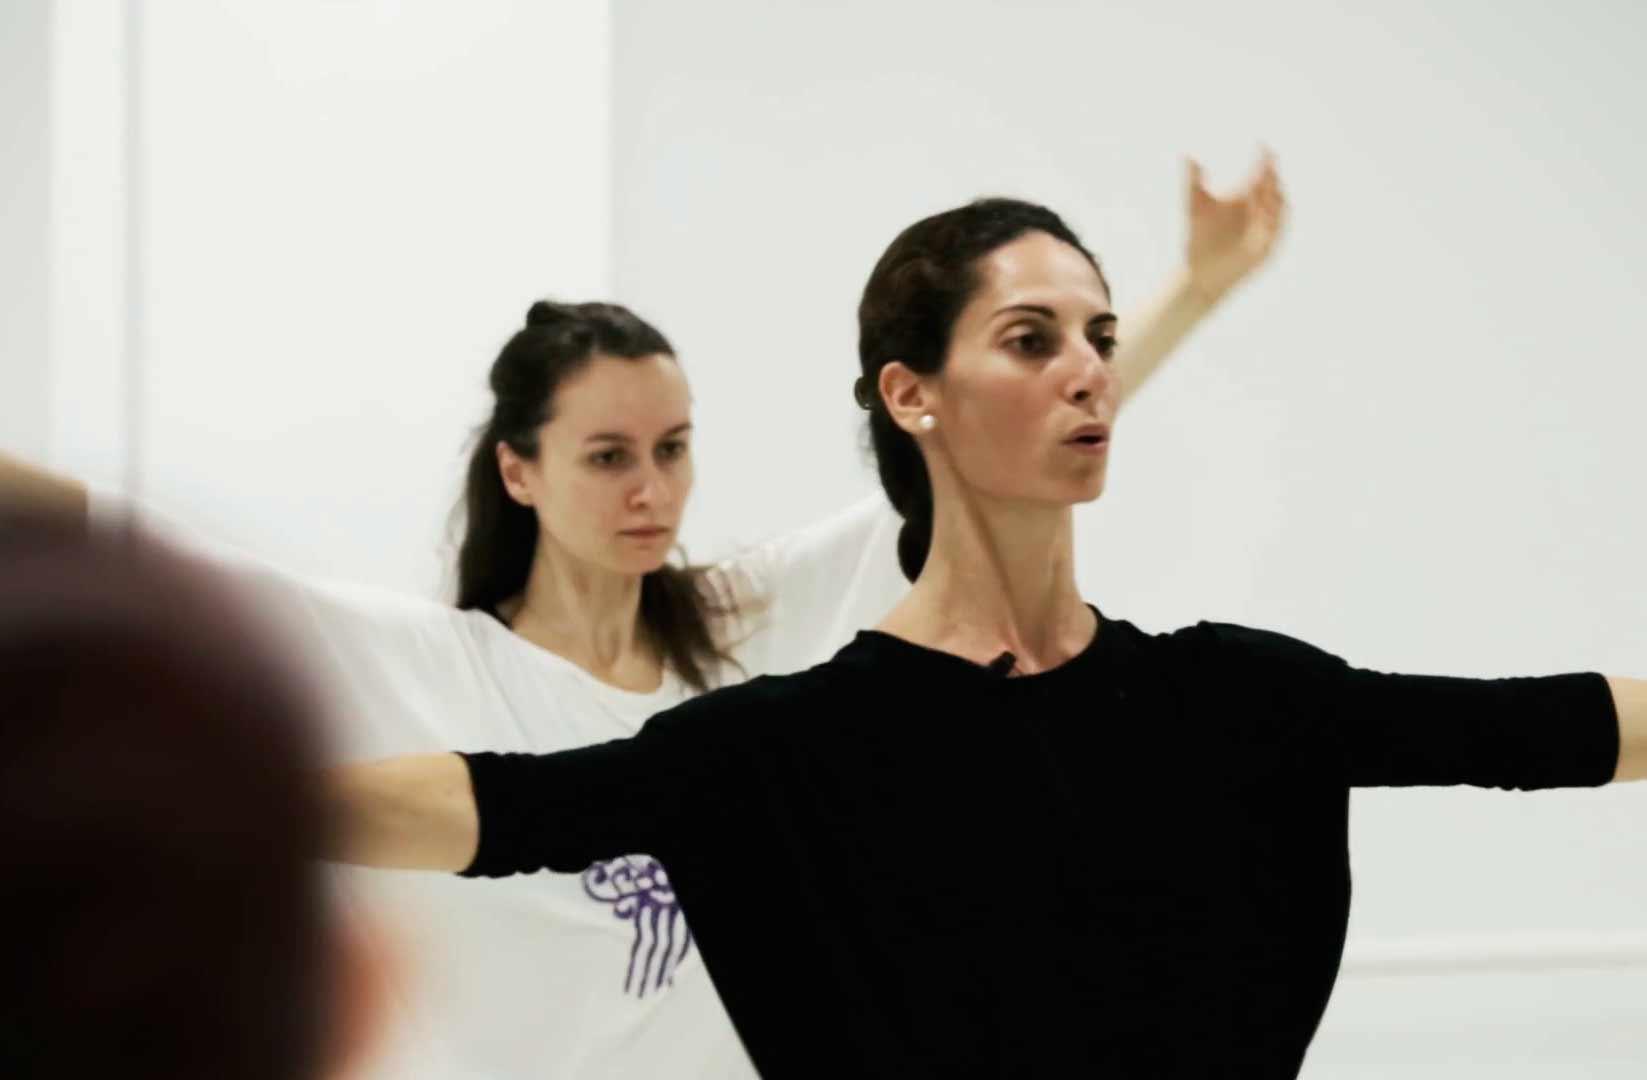 Clases de ballet en Sevilla Flamenco Danza (4)